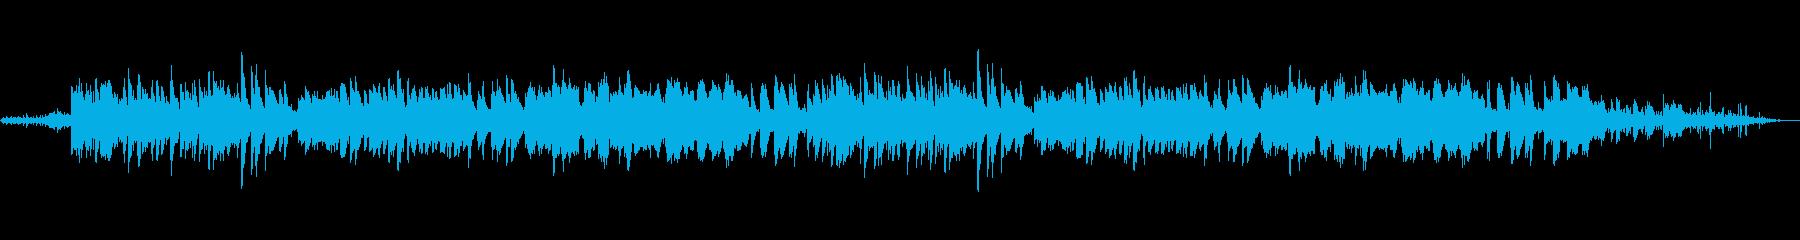 ヒーリングクラシック4-渓流音 longの再生済みの波形